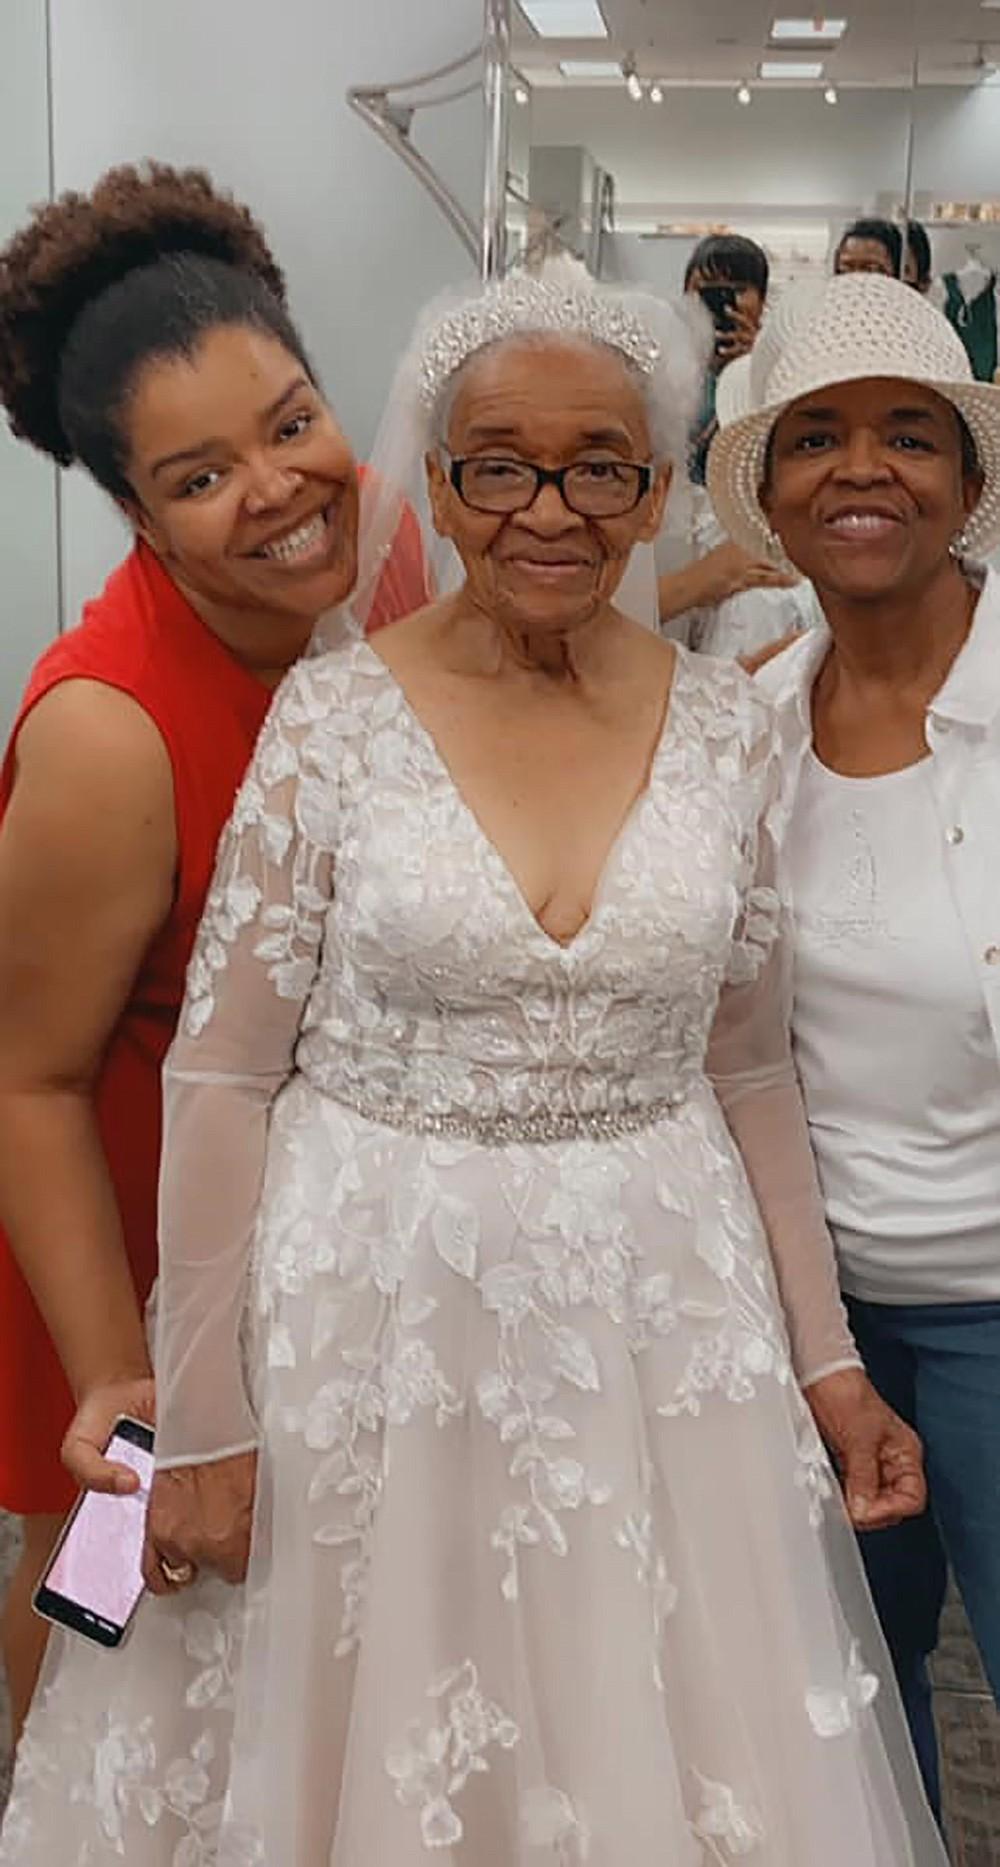 Tucker with her granddaughter Angela Strozier, left, and her eldest daughter, Rita Tucker. MUST CREDIT: Erica Tucker.